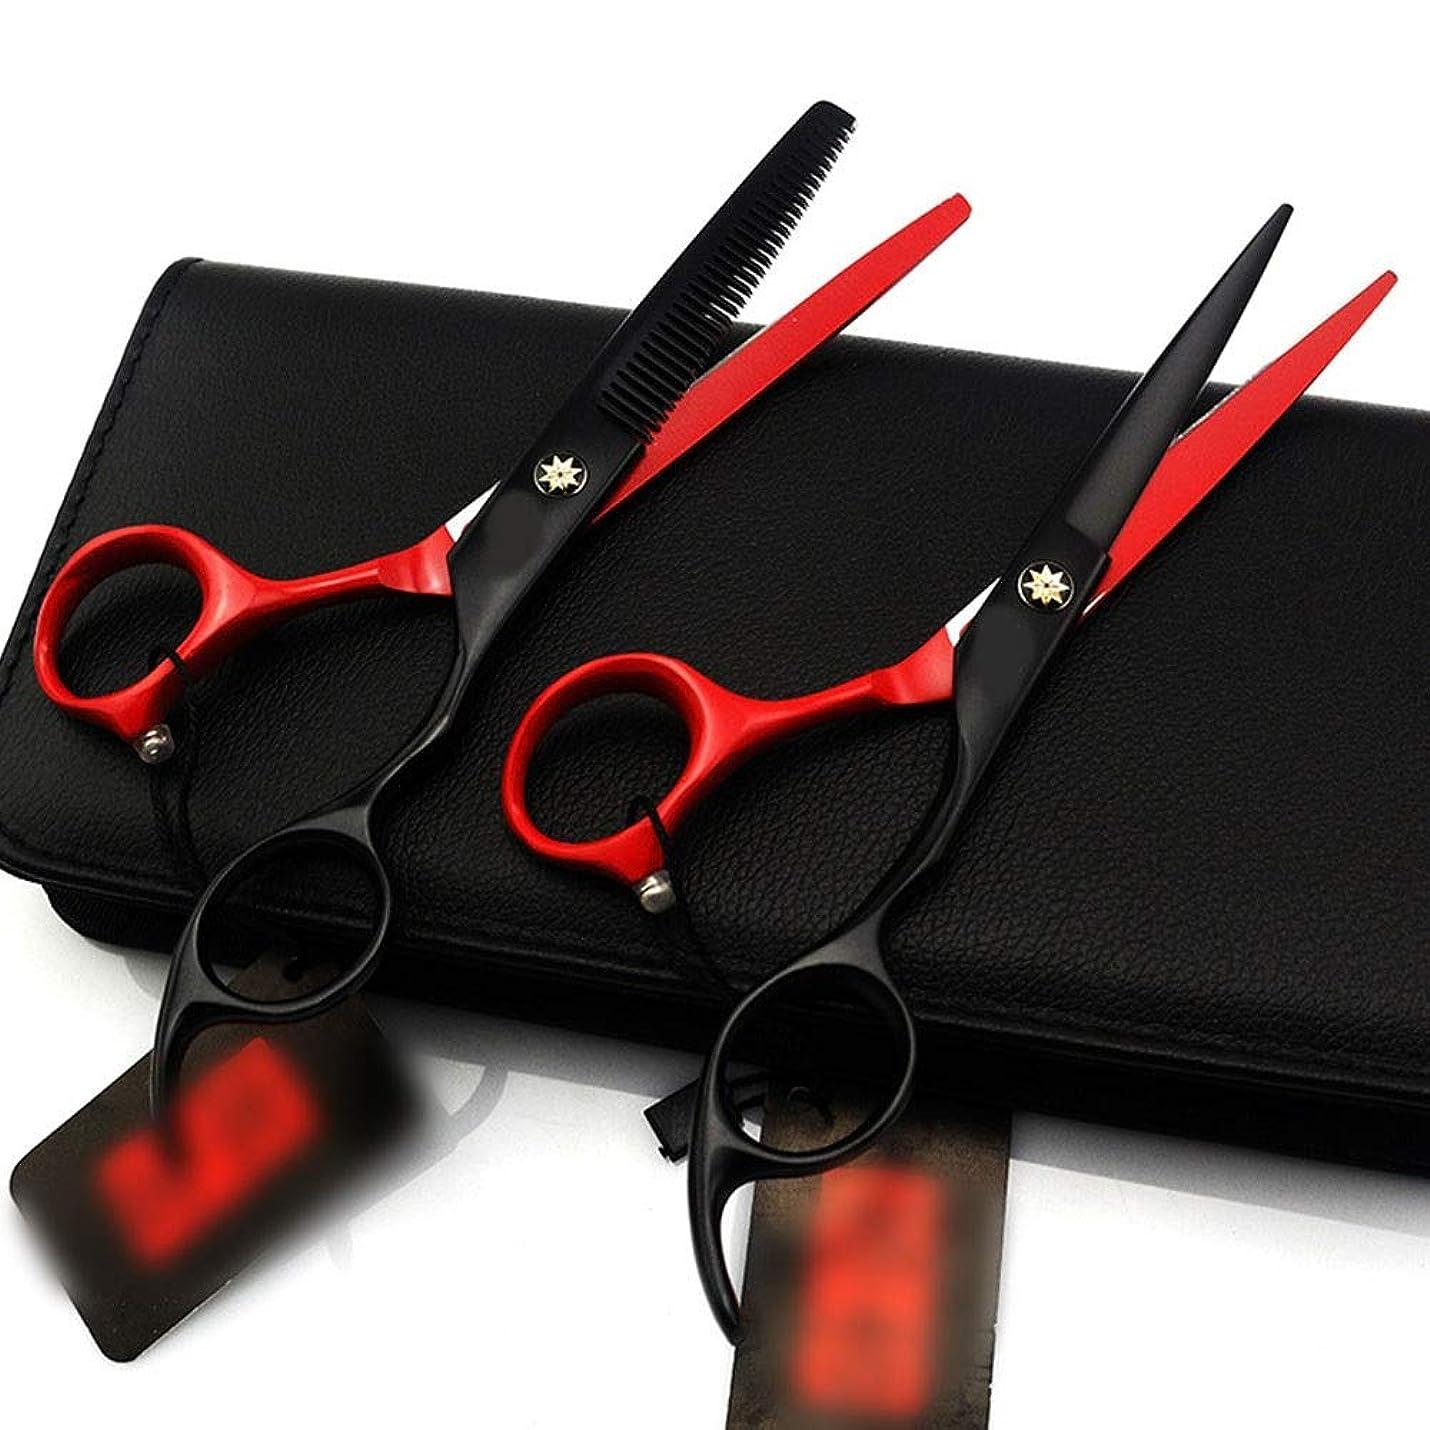 寛大さ印刷するティーンエイジャー黒赤人格理髪はさみ、6インチプロフェッショナル理髪セットフラット+歯はさみセット モデリングツール (色 : Black red)